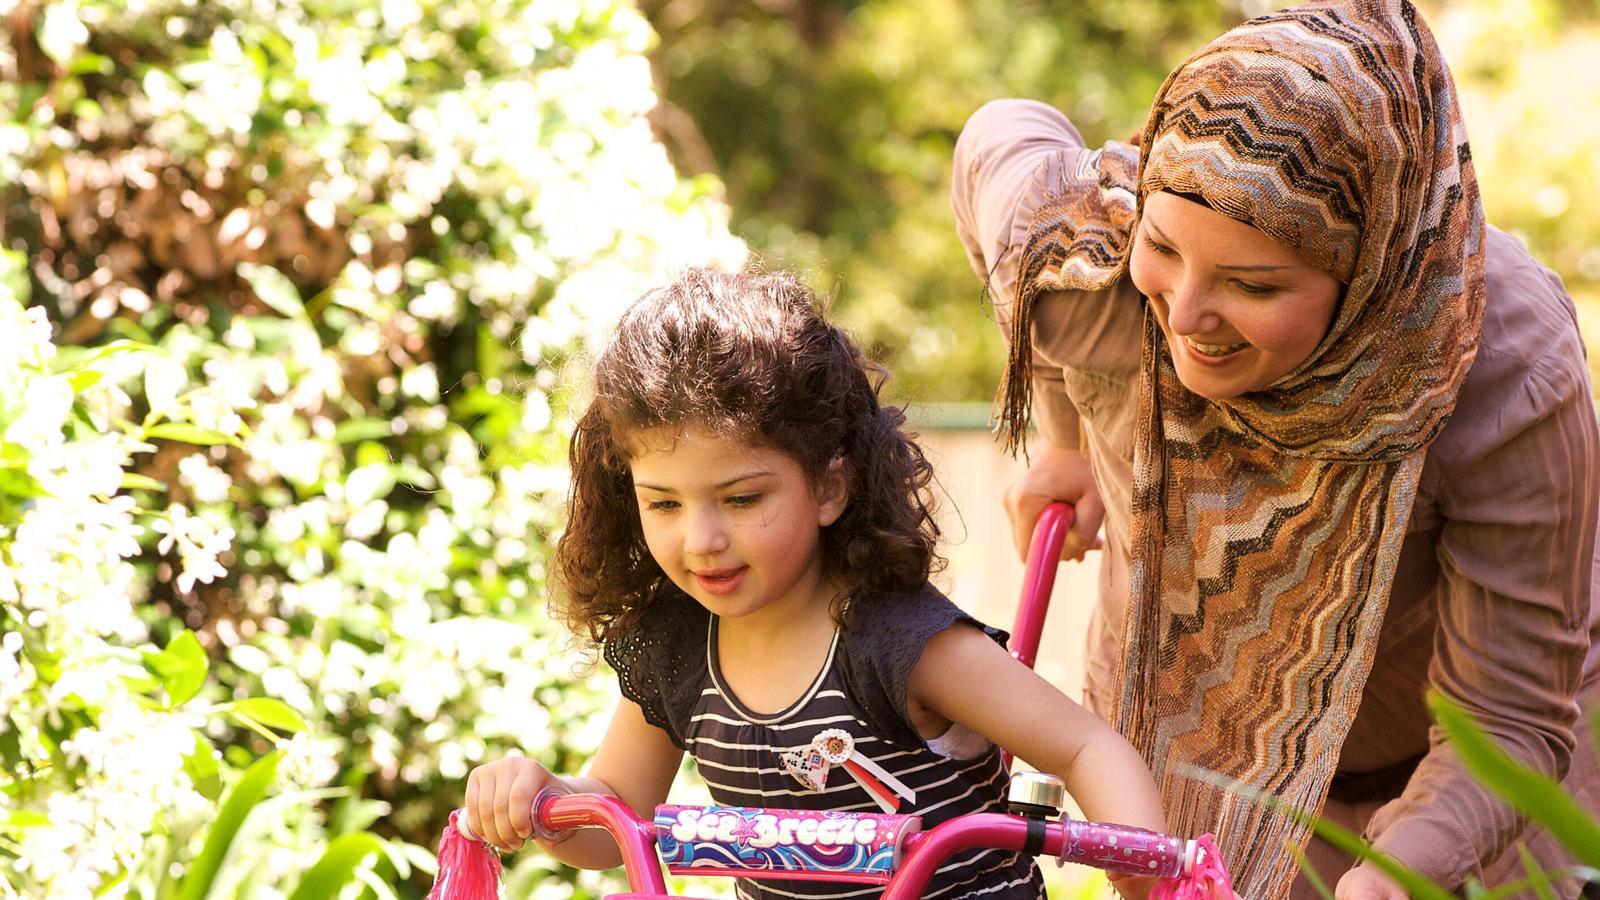 Een moeder die haar dochter leert hoe ze moet fietsen